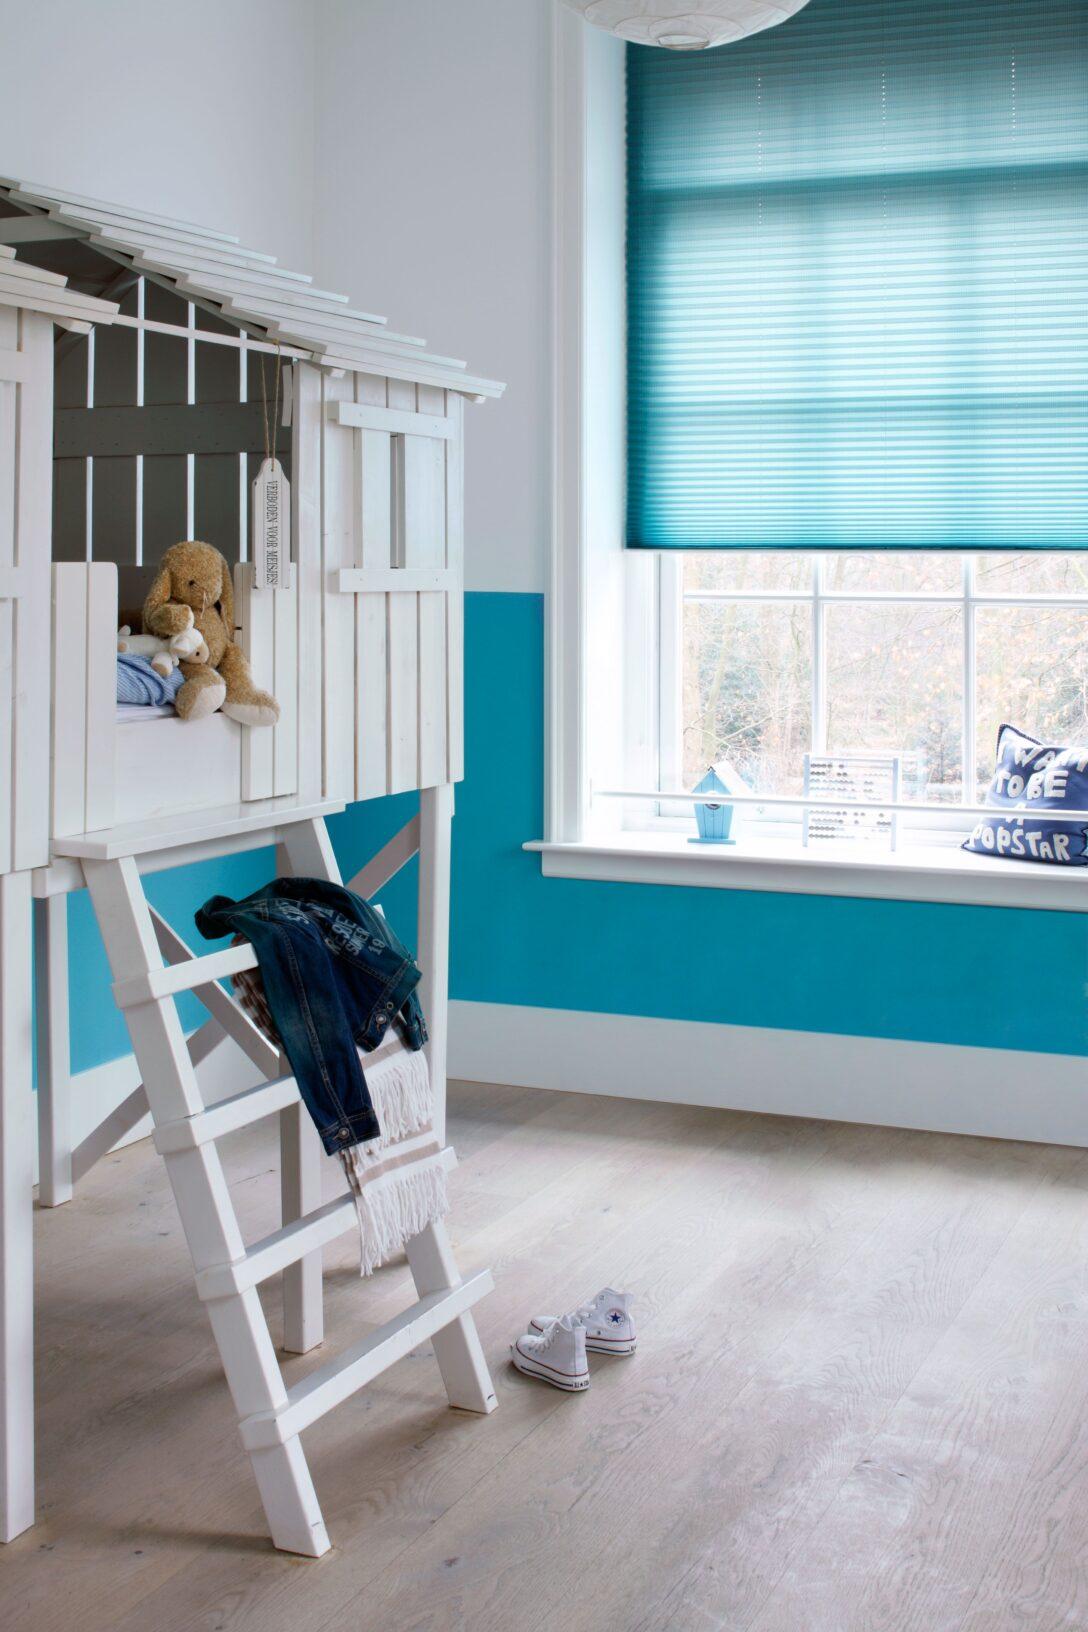 Large Size of Felblauwe Plisse Shade In Kinderkamer Blauw Fris Trend Foto Regal Kinderzimmer Weiß Plissee Fenster Regale Sofa Kinderzimmer Plissee Kinderzimmer